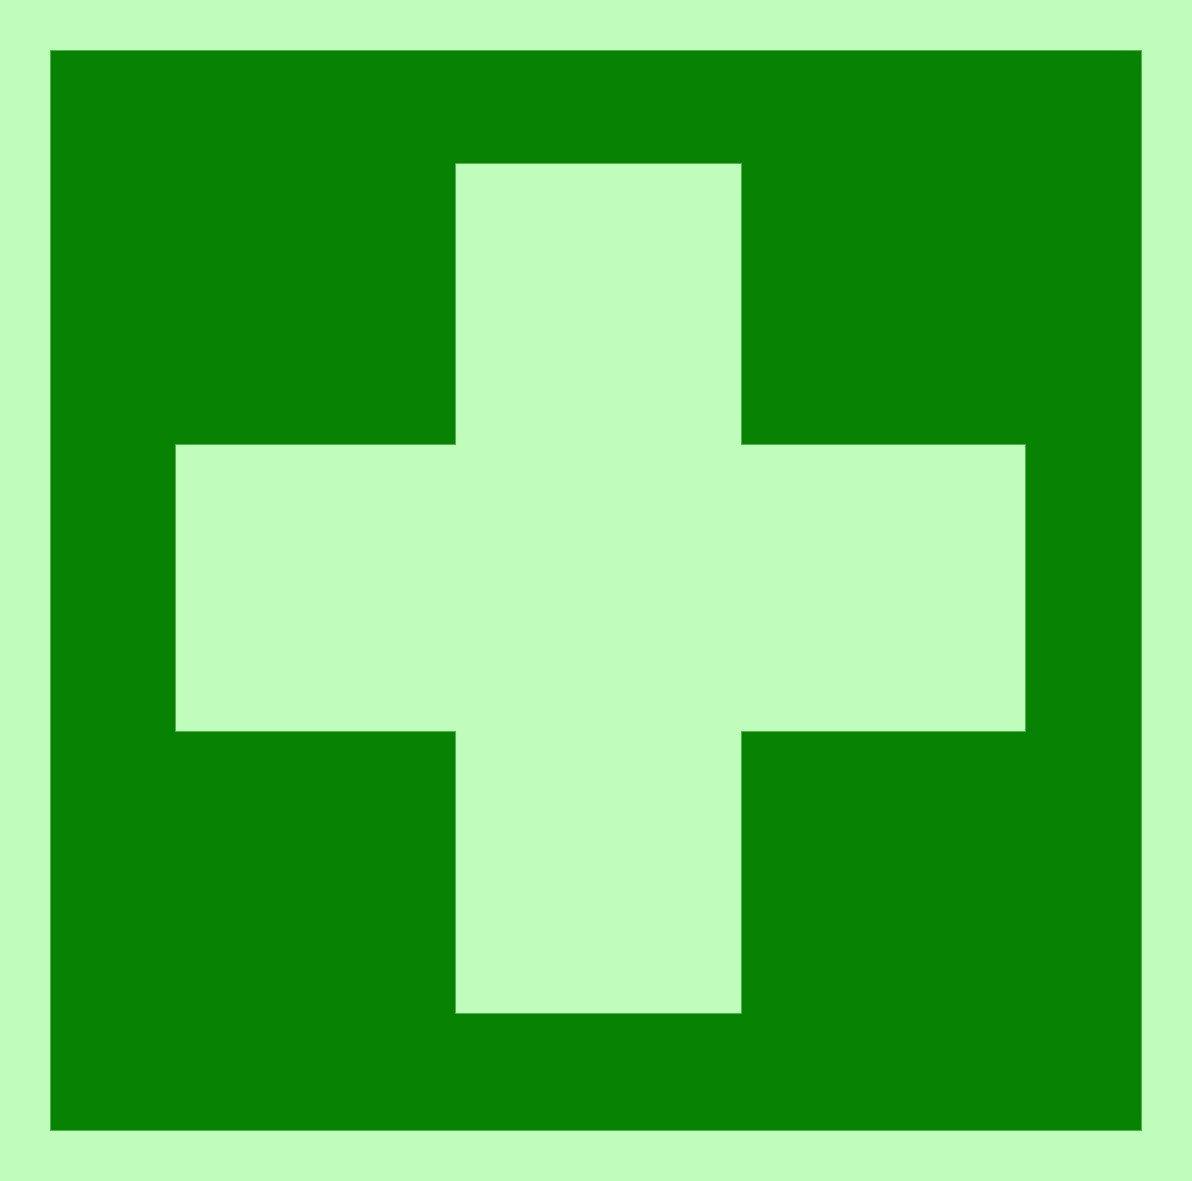 Rettungszeichen Symbolschild Erste Hilfe DIN Folie nachleuchtend &. selbstklebend 100x100mm Andris